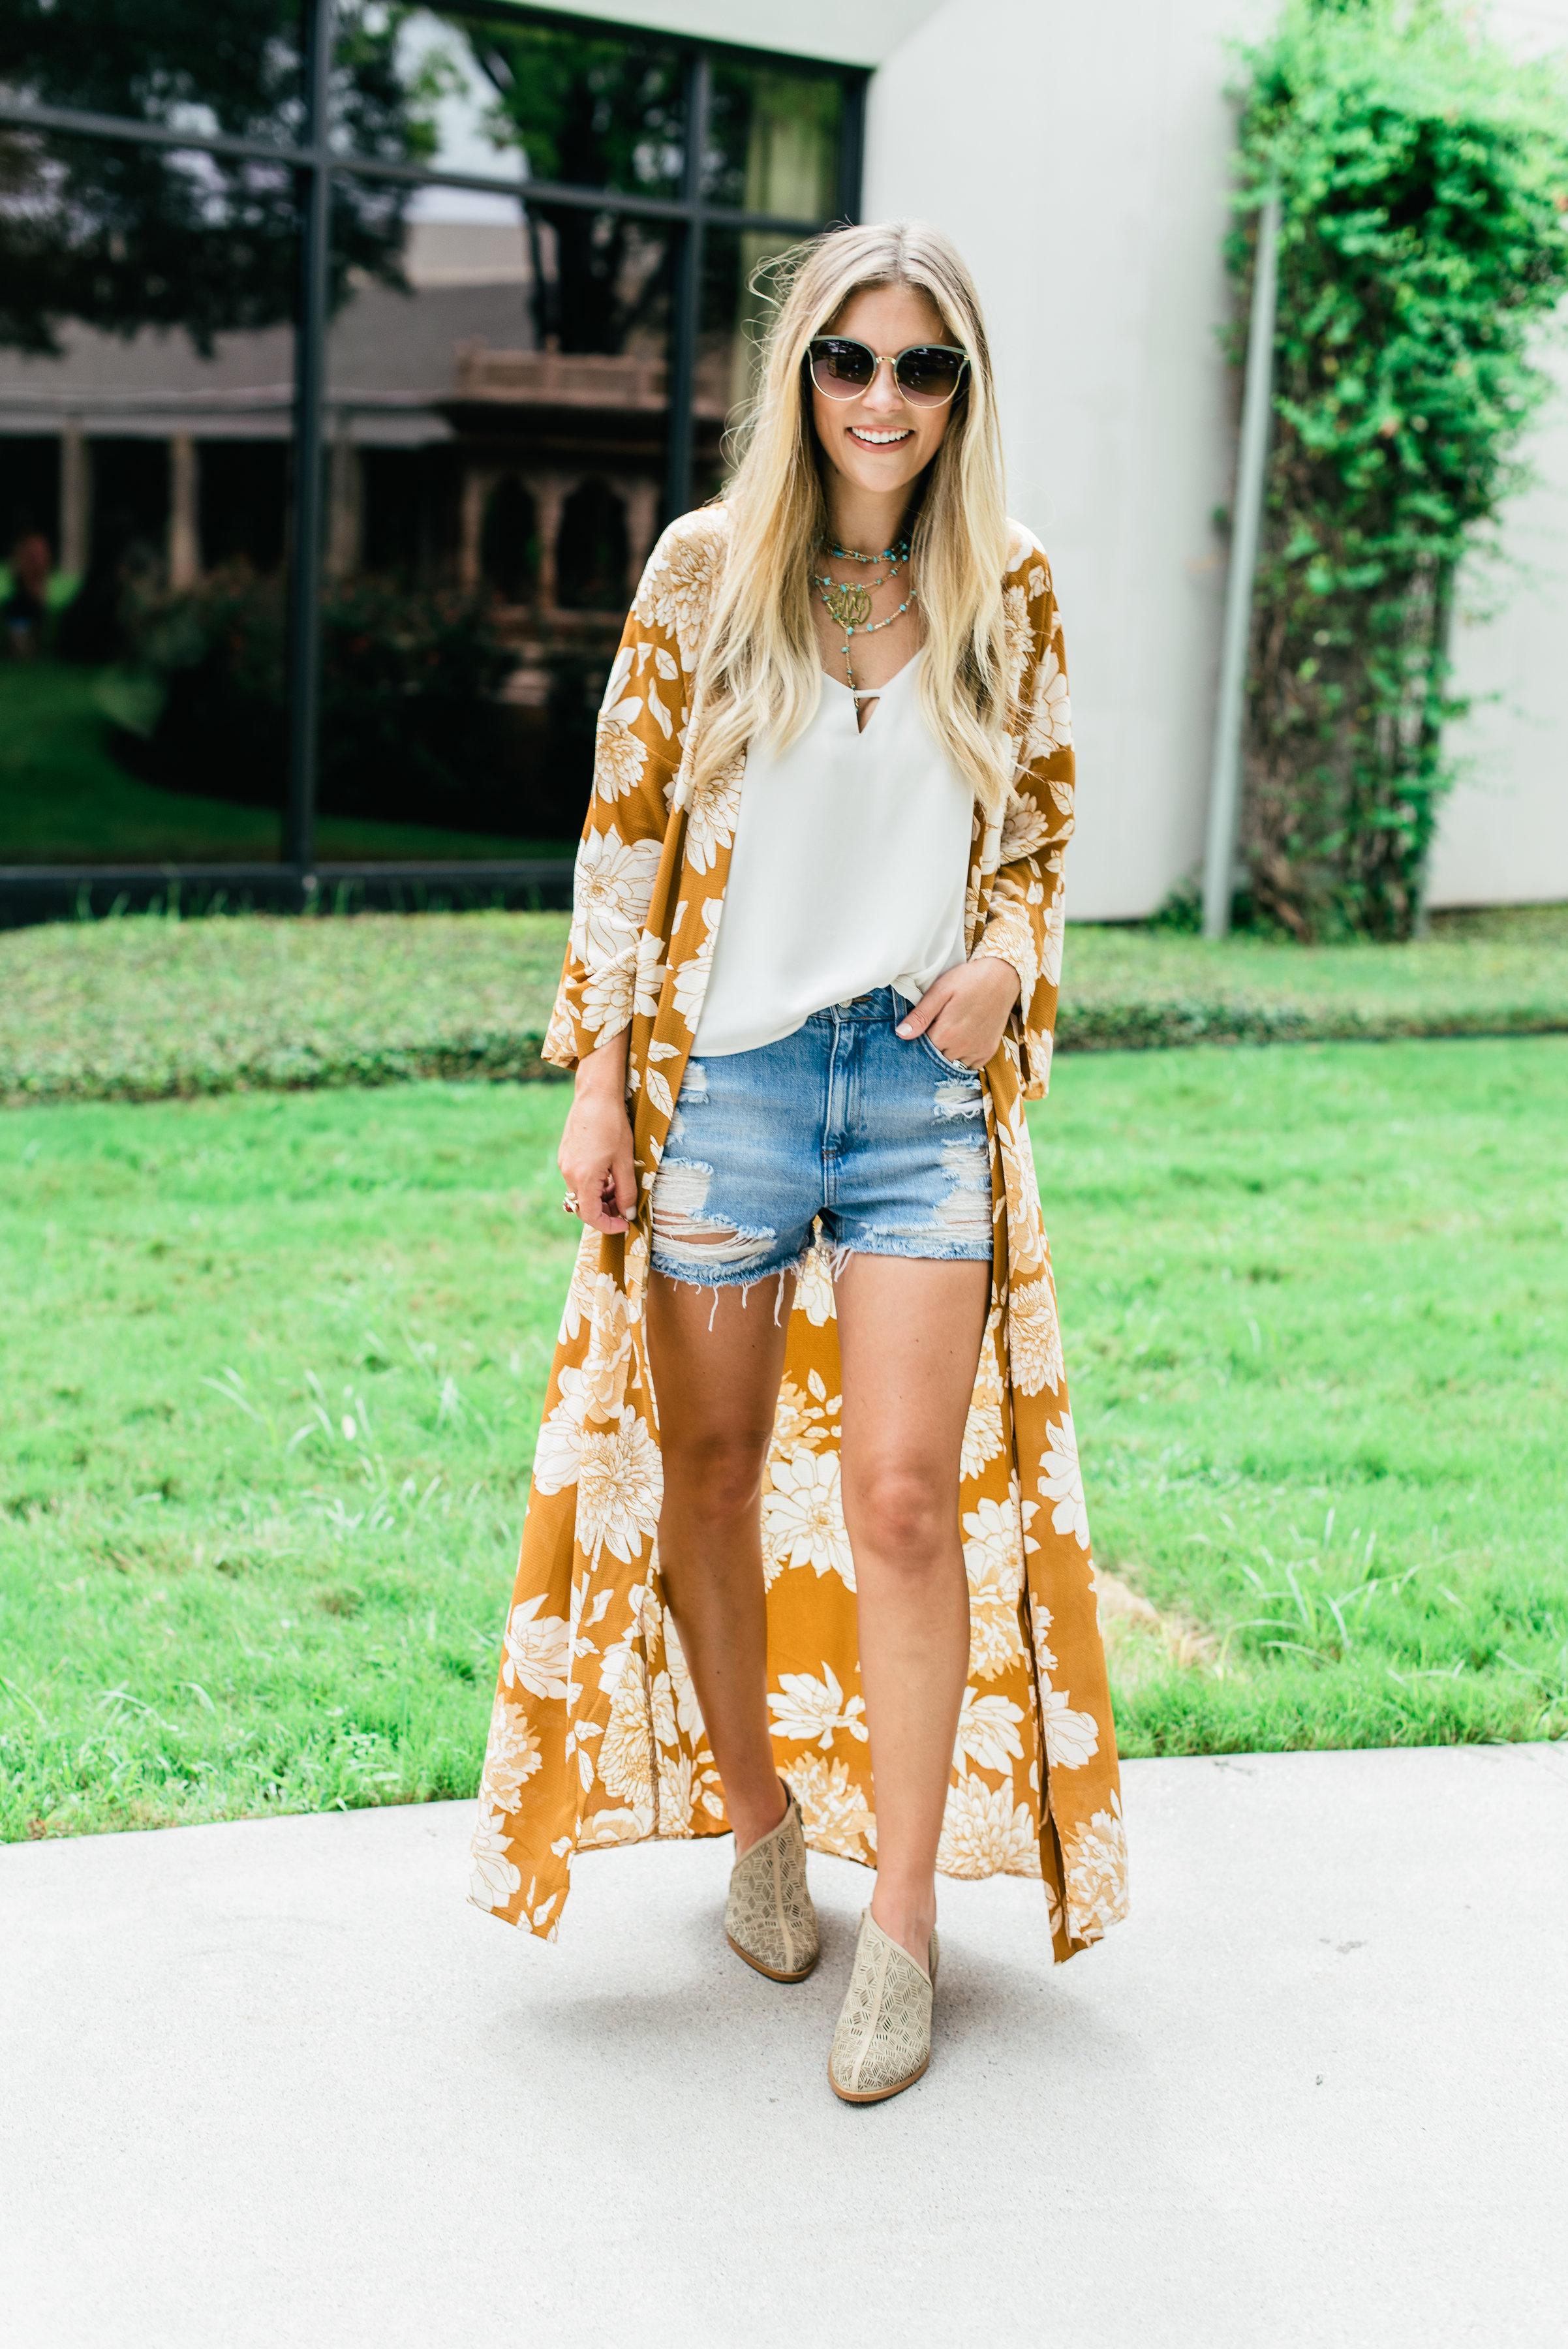 Littleloveliesblog mặc áo kimono dáng dài, áo hai dây và quần shorts